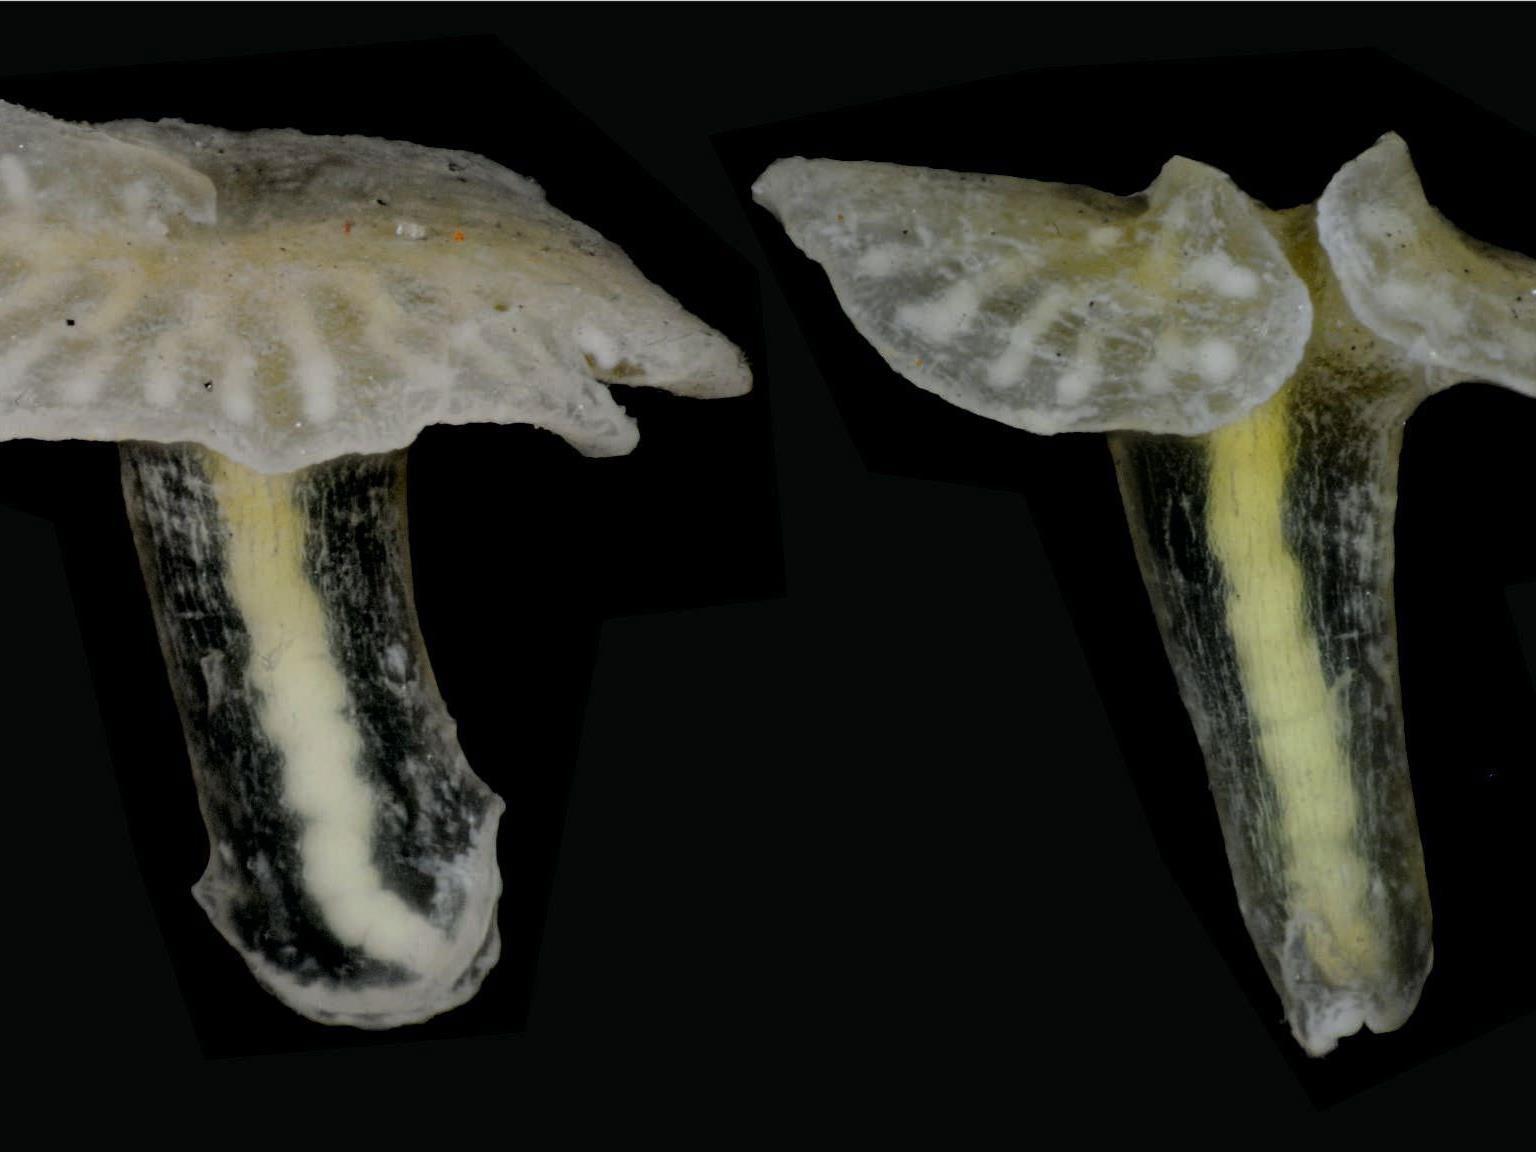 Mehrere Exemplare der vorläufig sogenannten Dendrogramma aus einem möglicherweise neu entdeckten Stamm des Tierreichs.